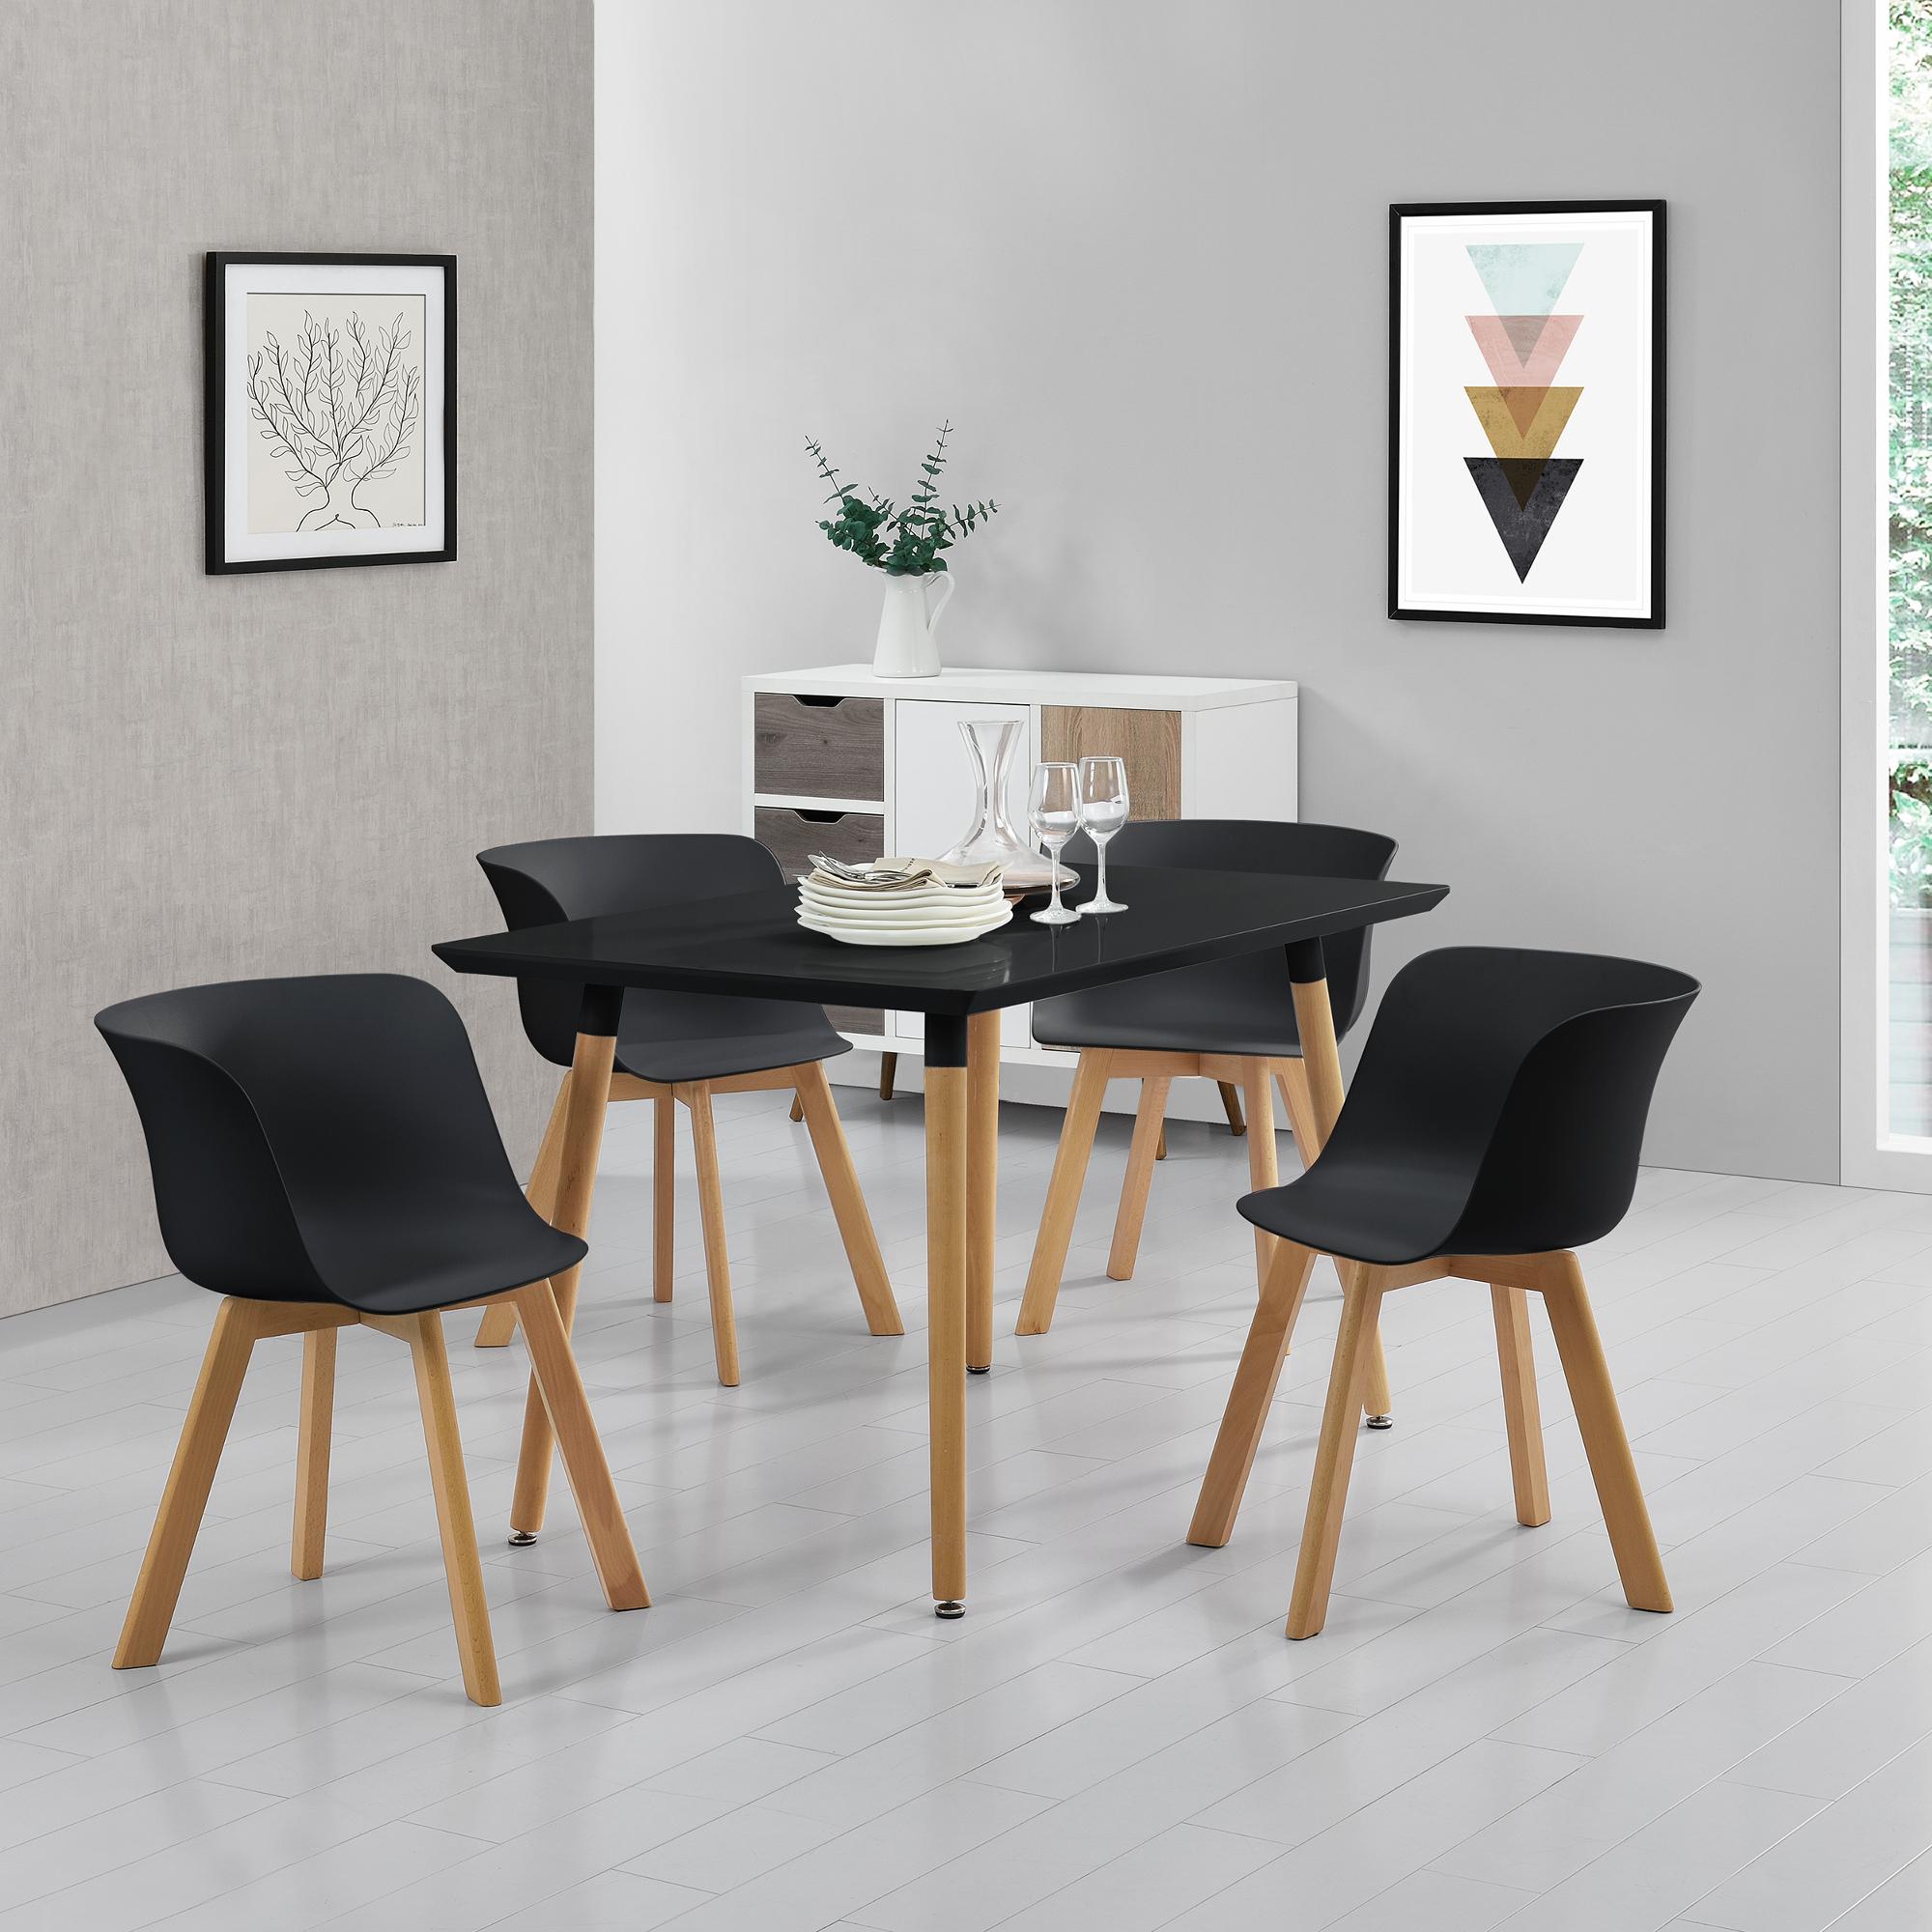 Tavolo da pranzo 4 sedie nere 120x70cm tavolo for Tavolo cucina 4 posti